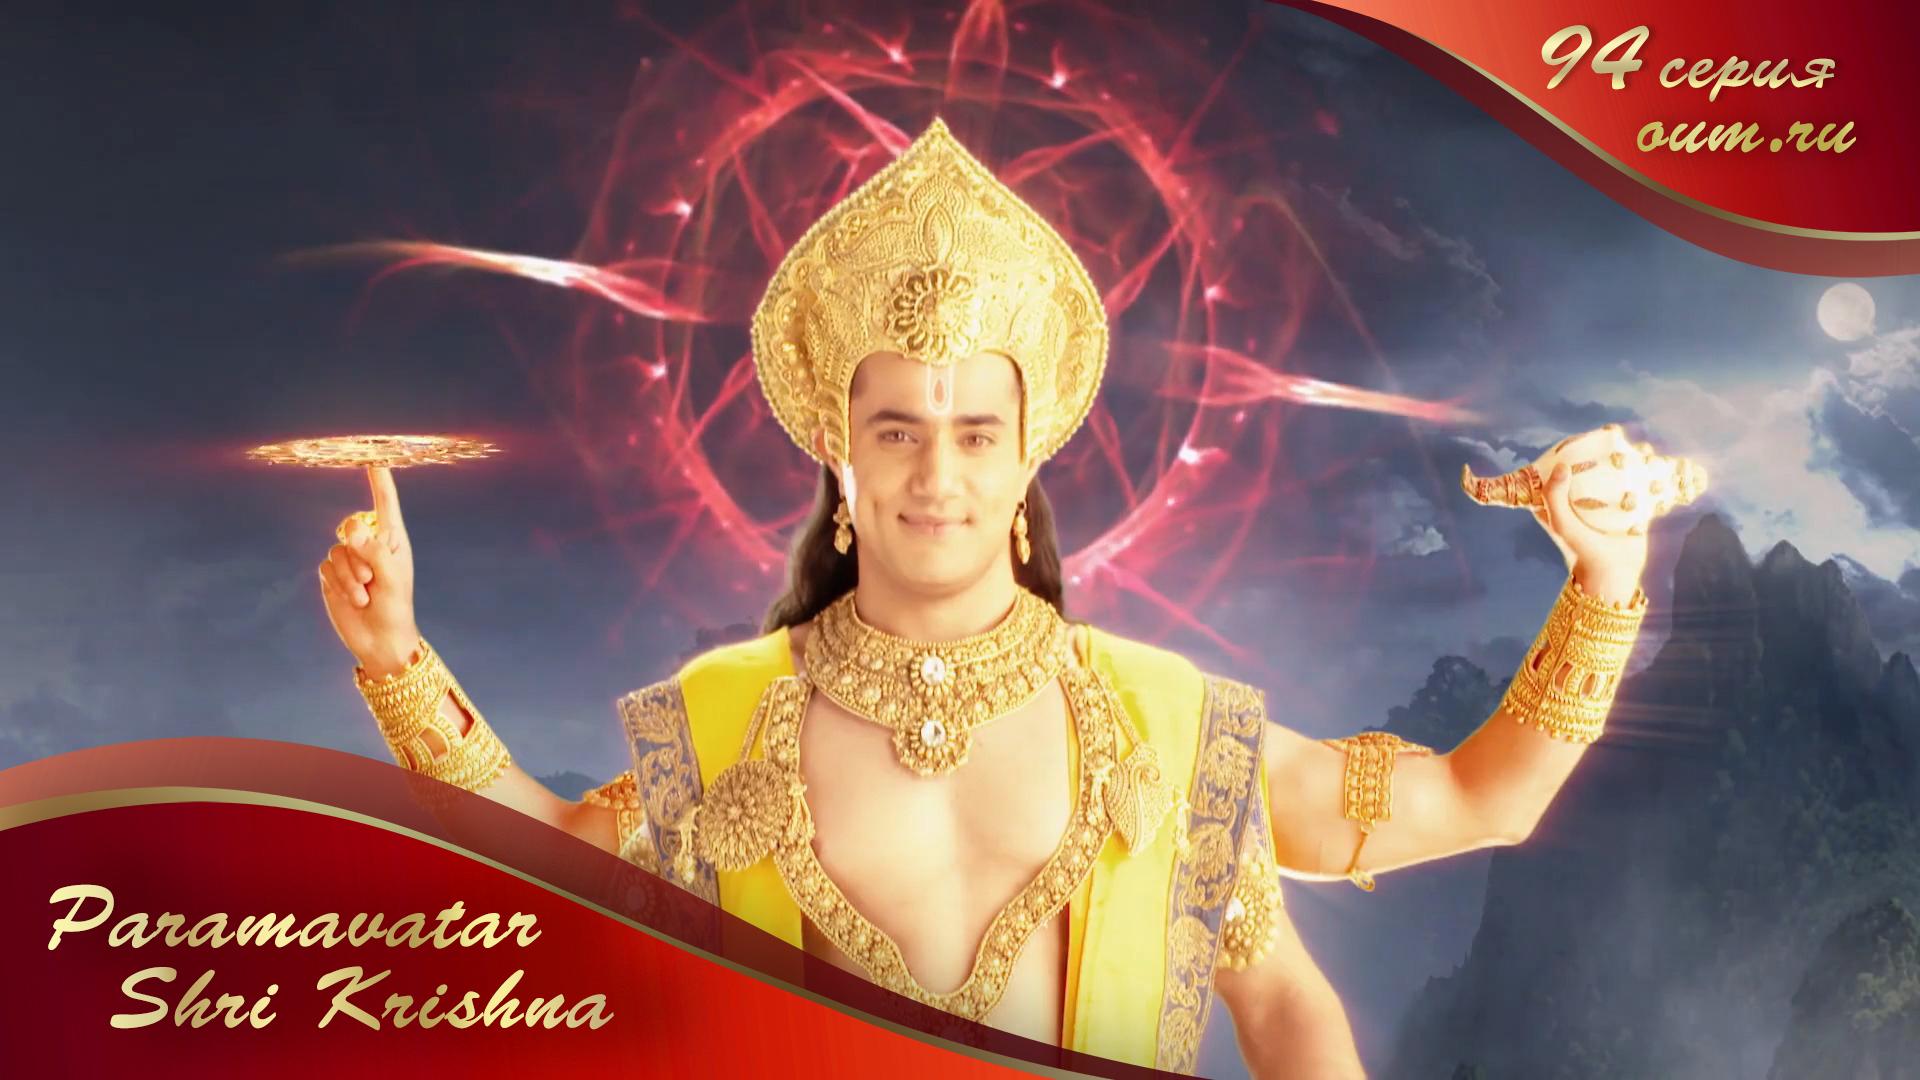 Paramavatar Shri Krishna. Серия 94